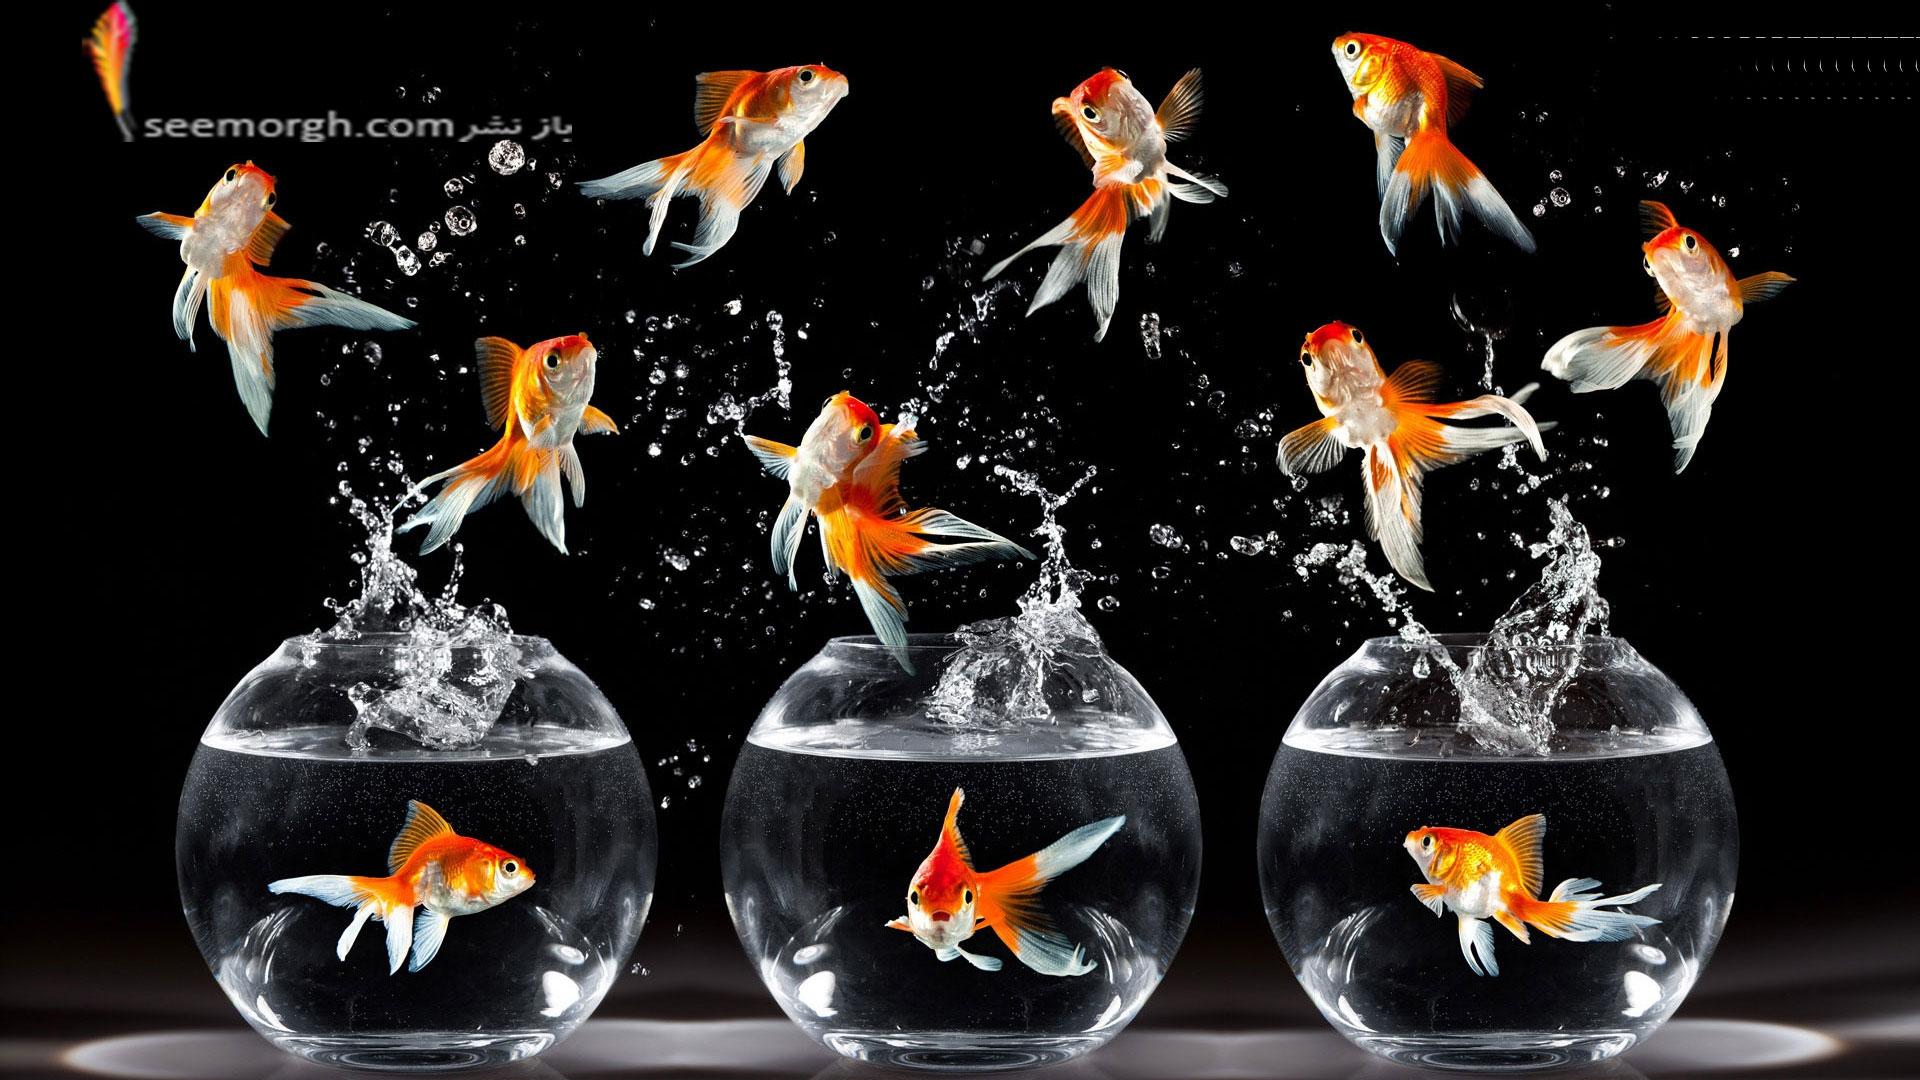 هفت سین سر مزار ماهی قرمز سفره هفت سین از کجا آمده